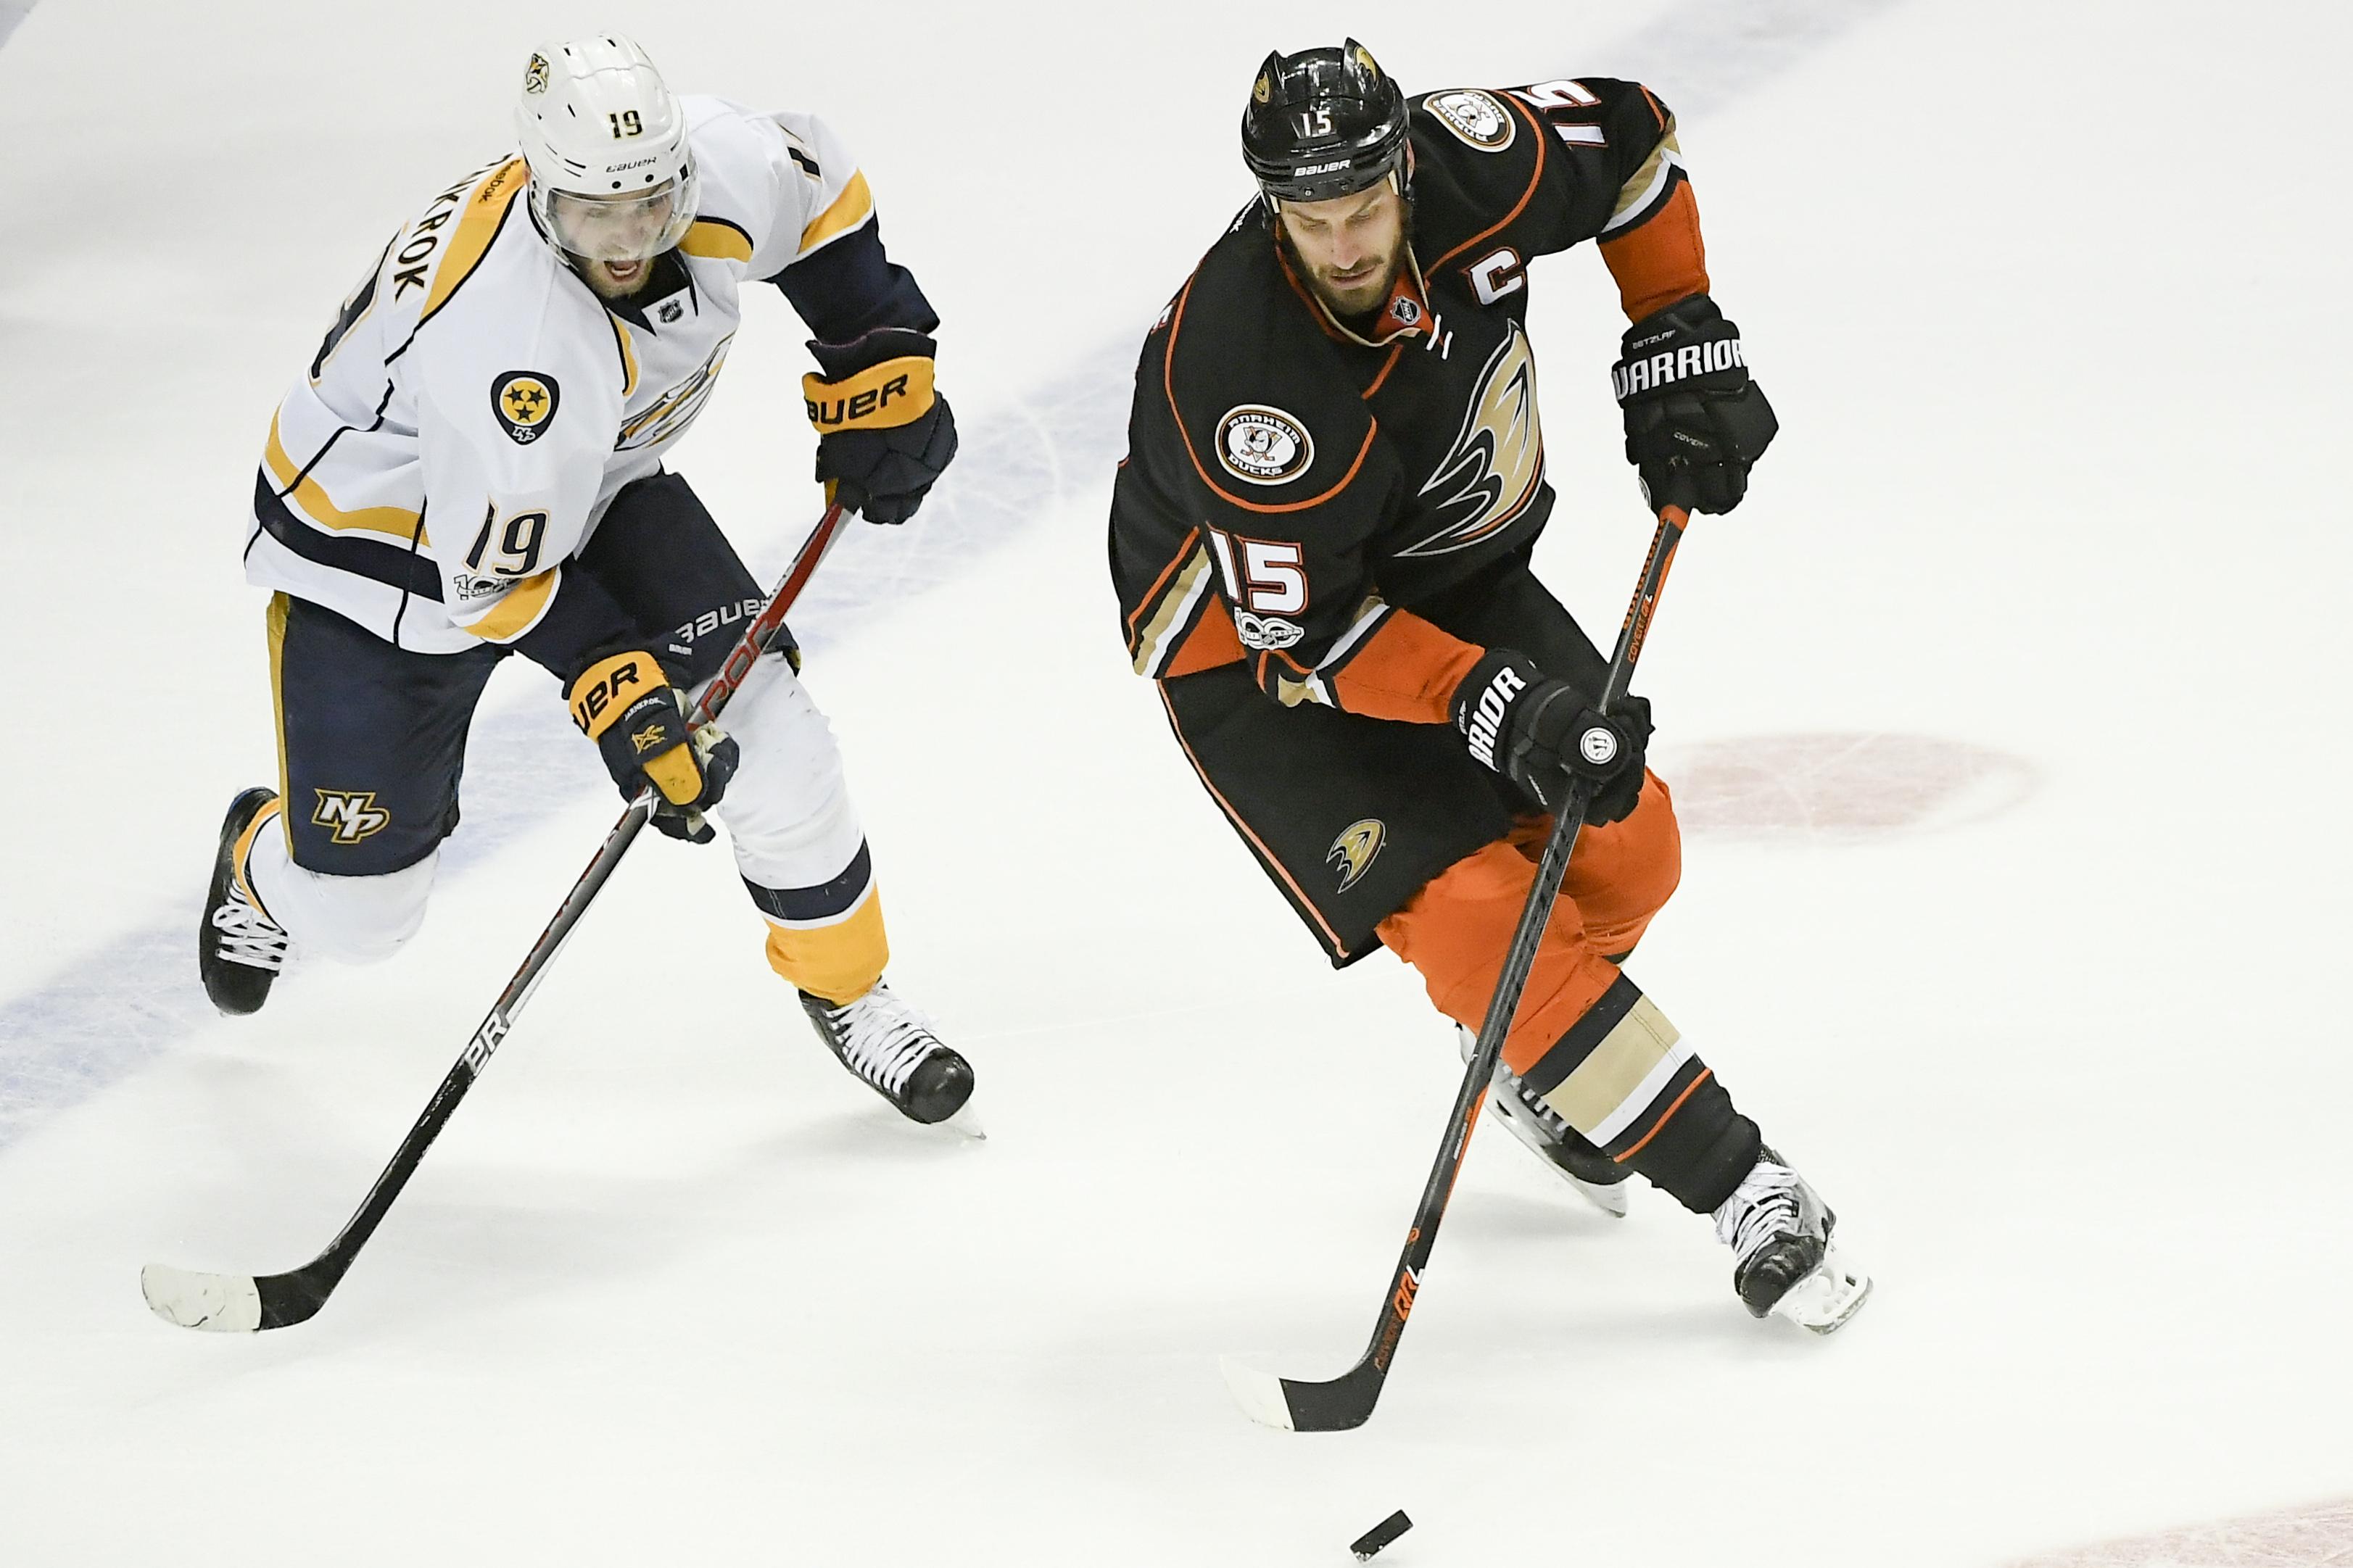 hot sale online 72376 b36b4 2017 Stanley Cup Playoffs: Ryan Getzlaf Ducks' Biggest Strength